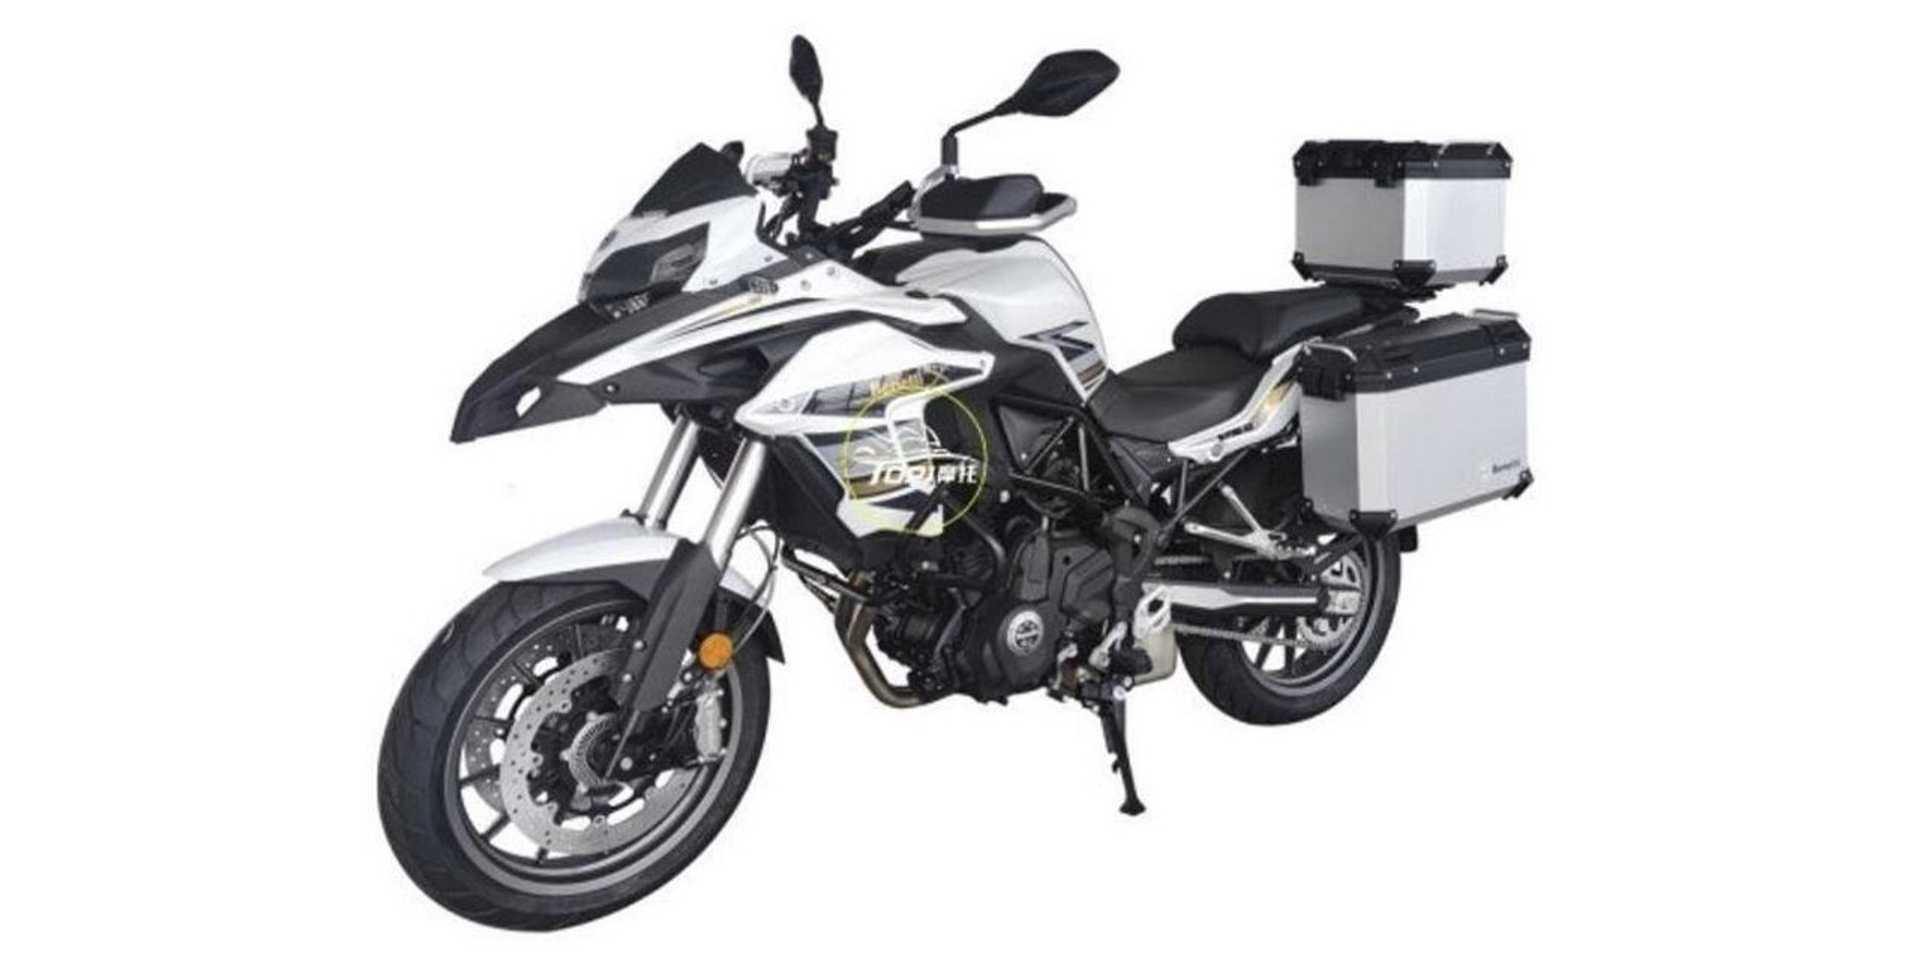 多功能車受到歡迎 Benelli將推出TRK 700搶佔市場!